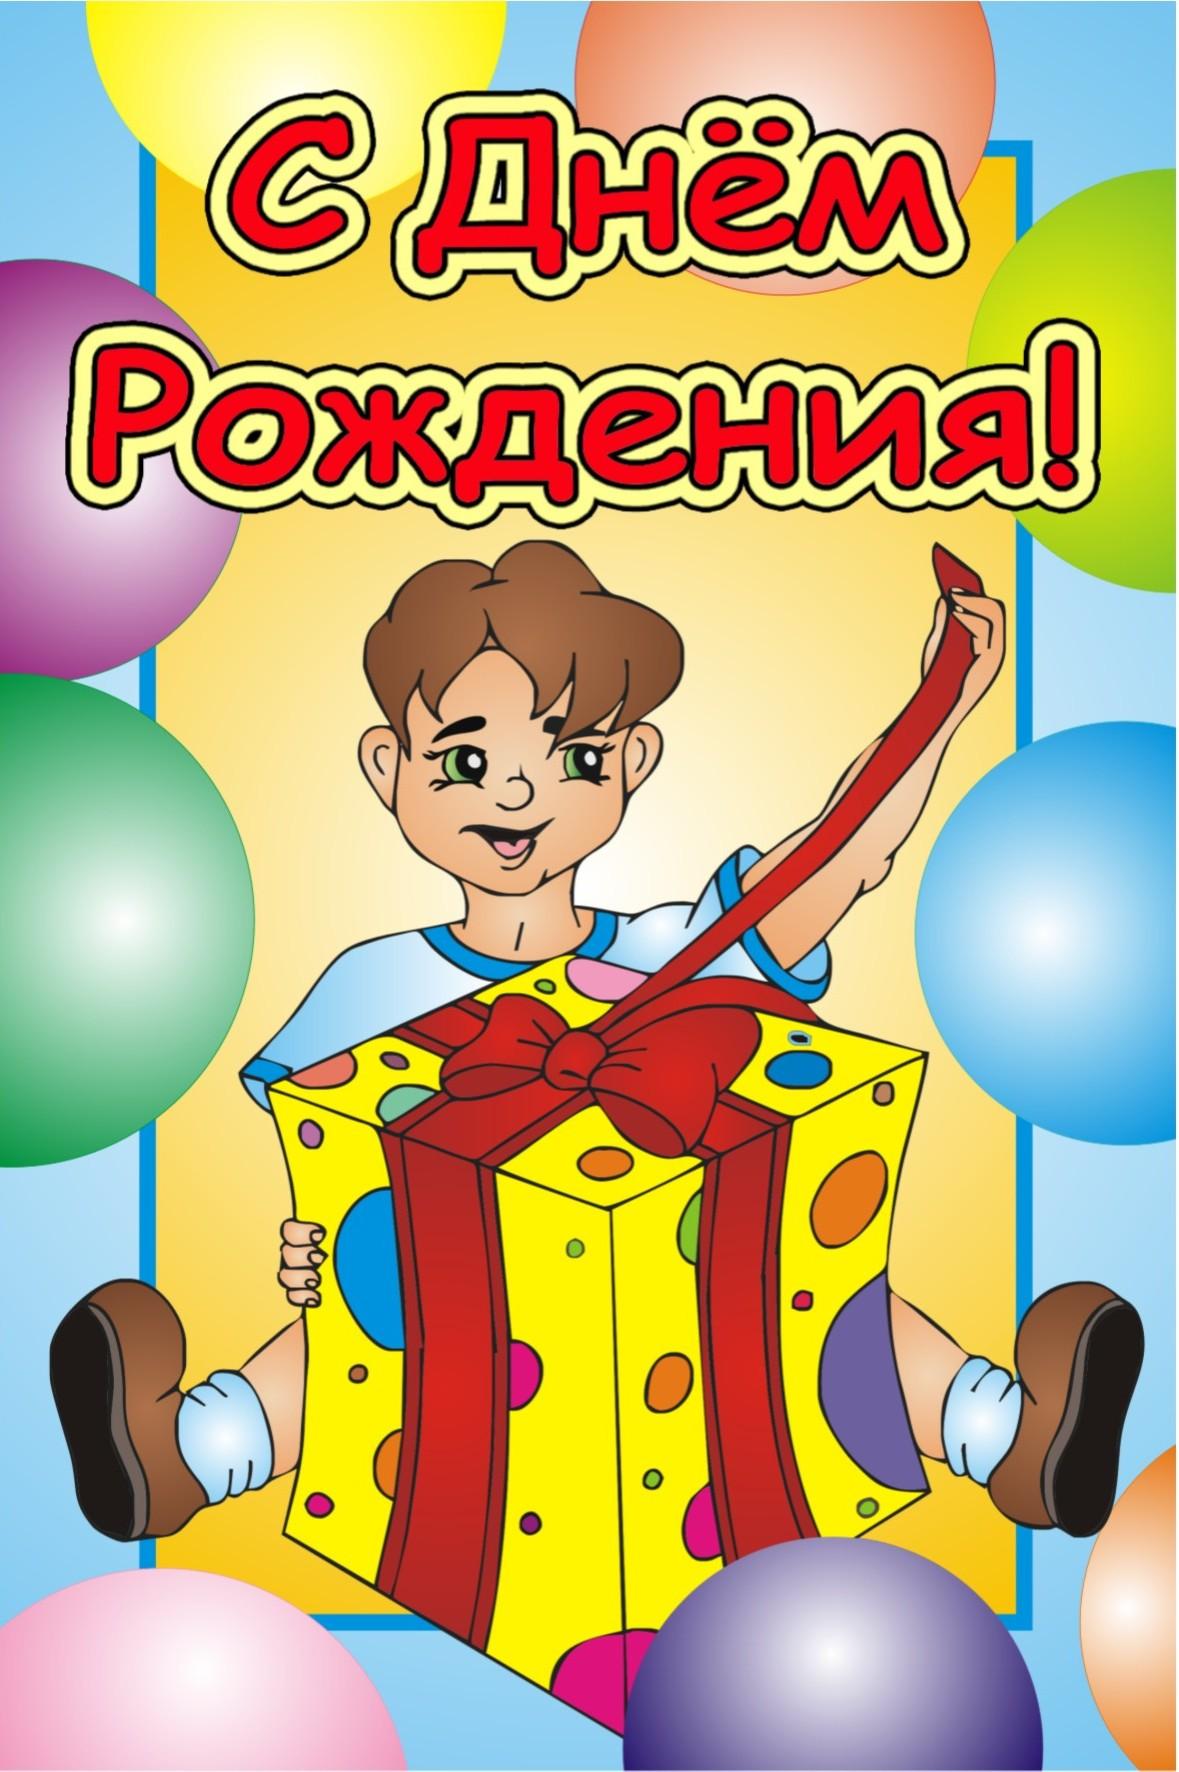 Поздравления с днем рождения мальчику 3 в прозе